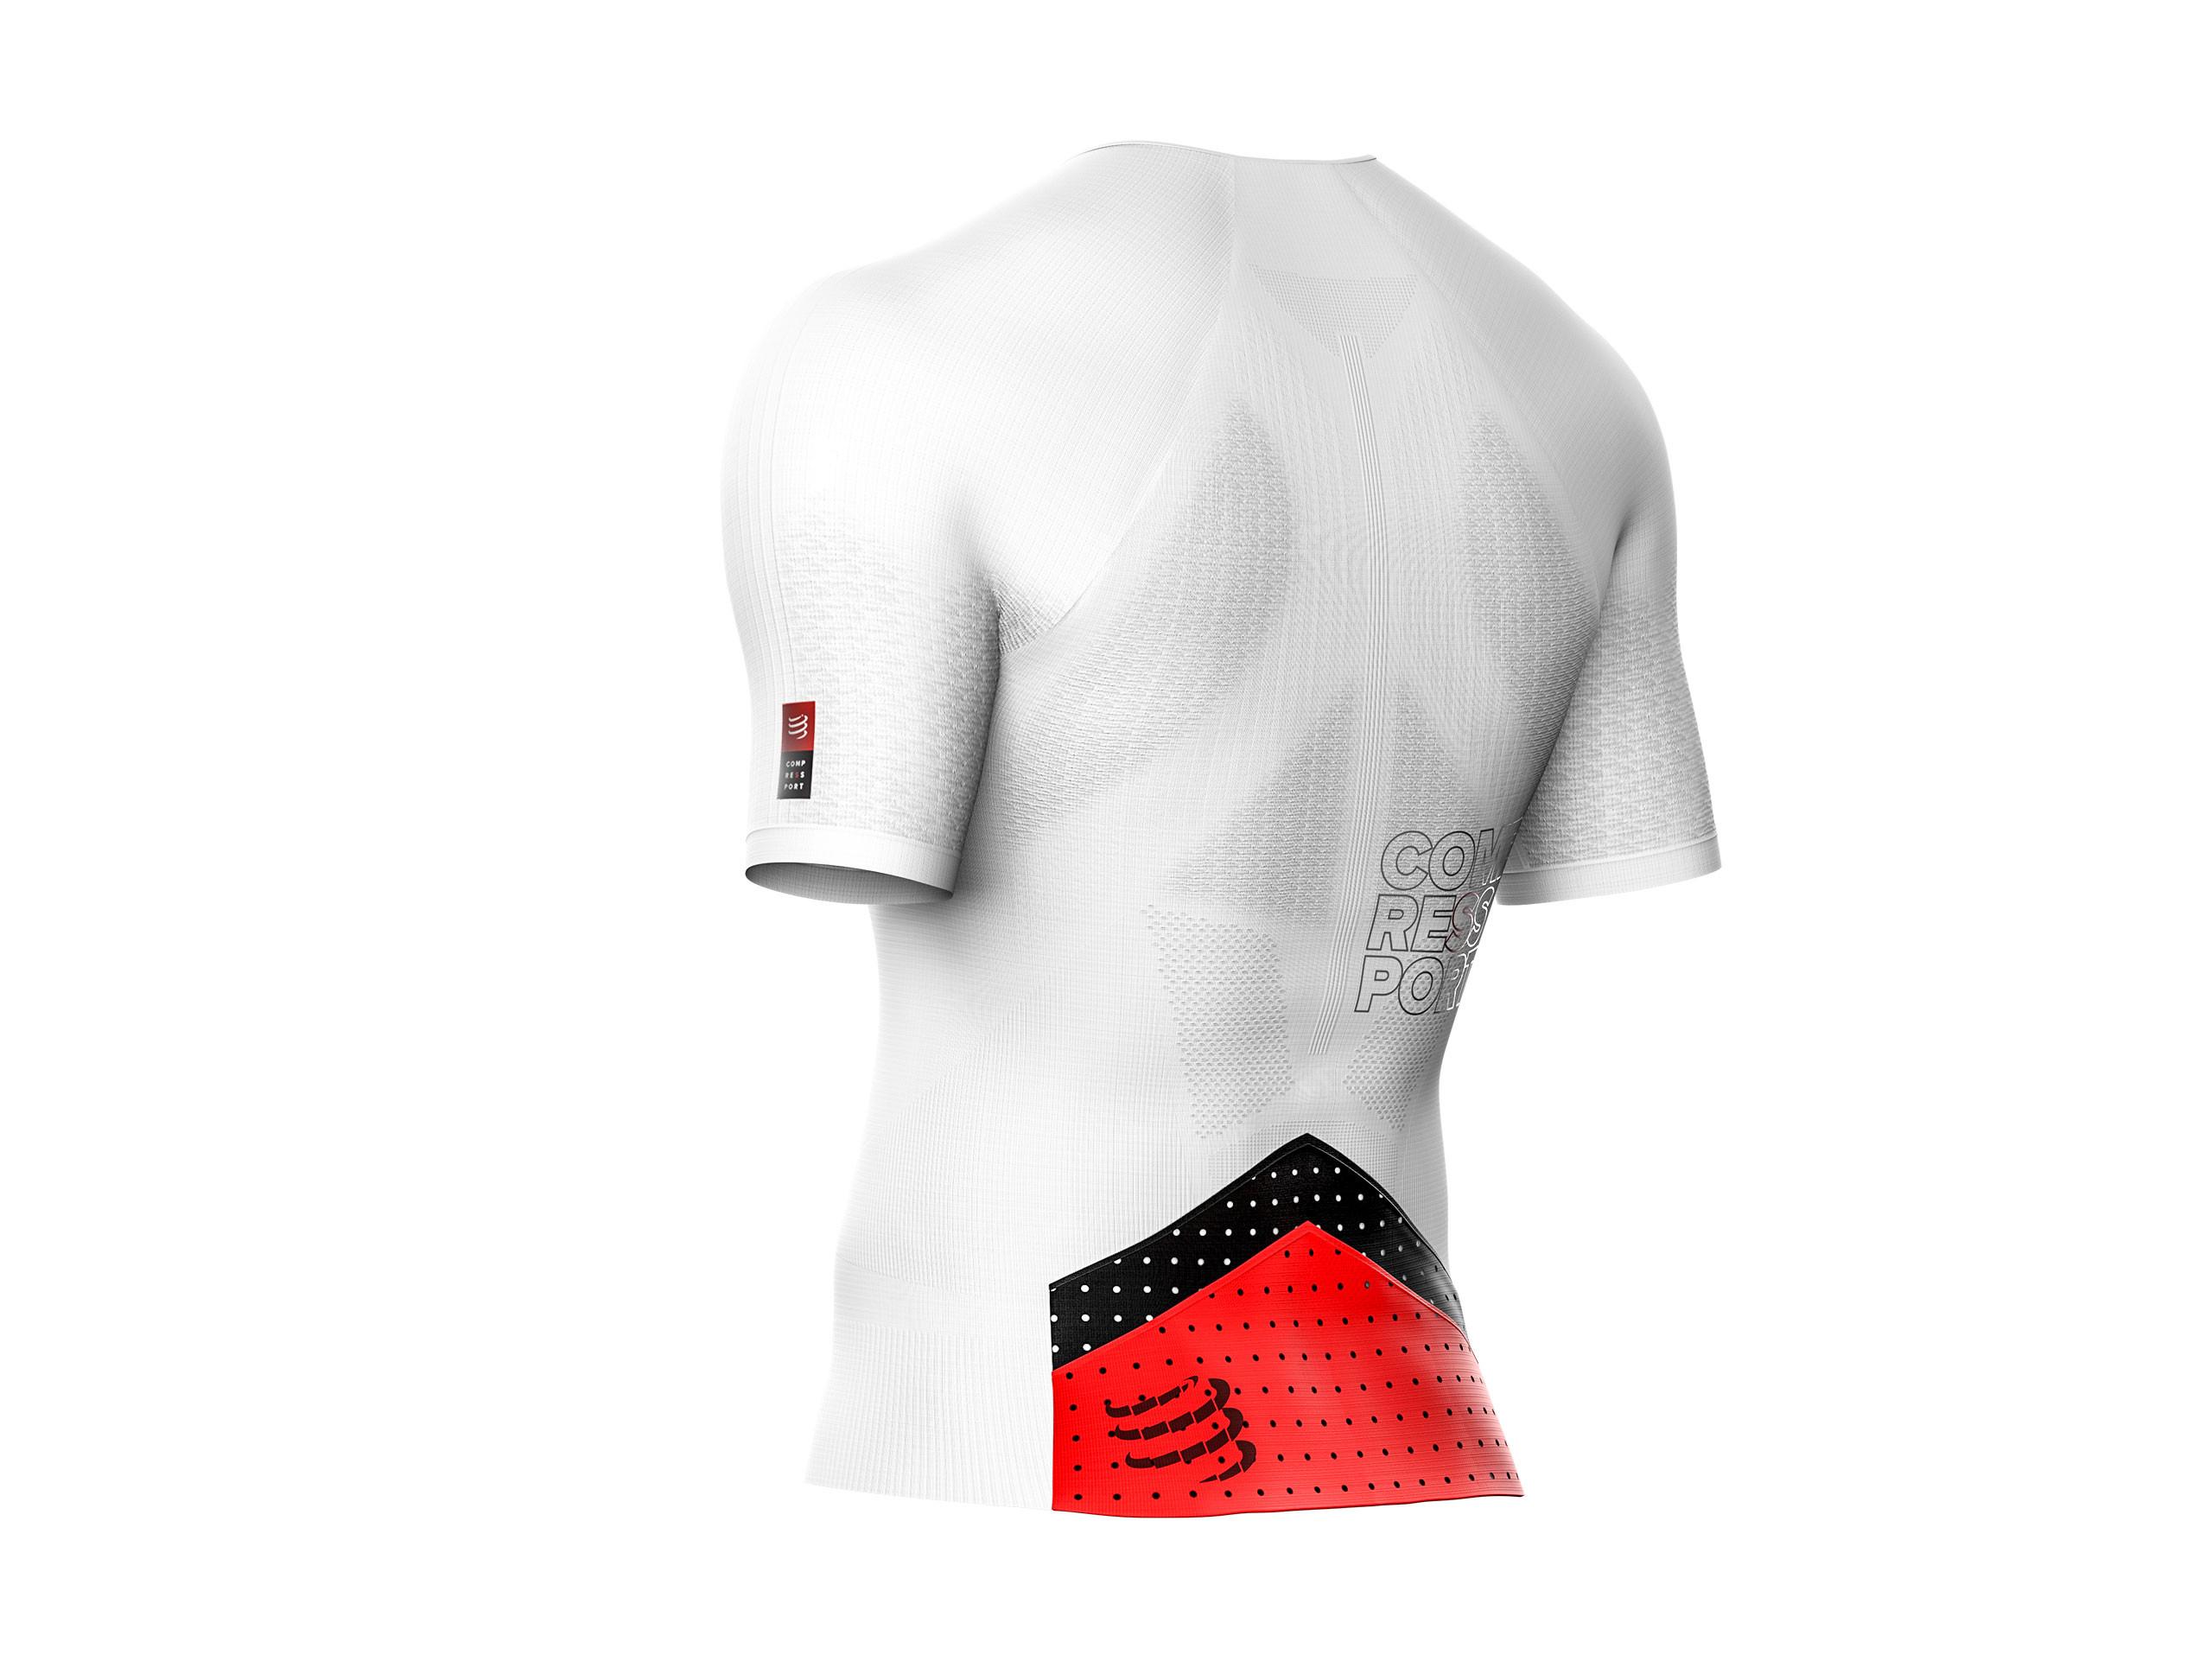 Maglia posturale da triathlon Aero SS bianca